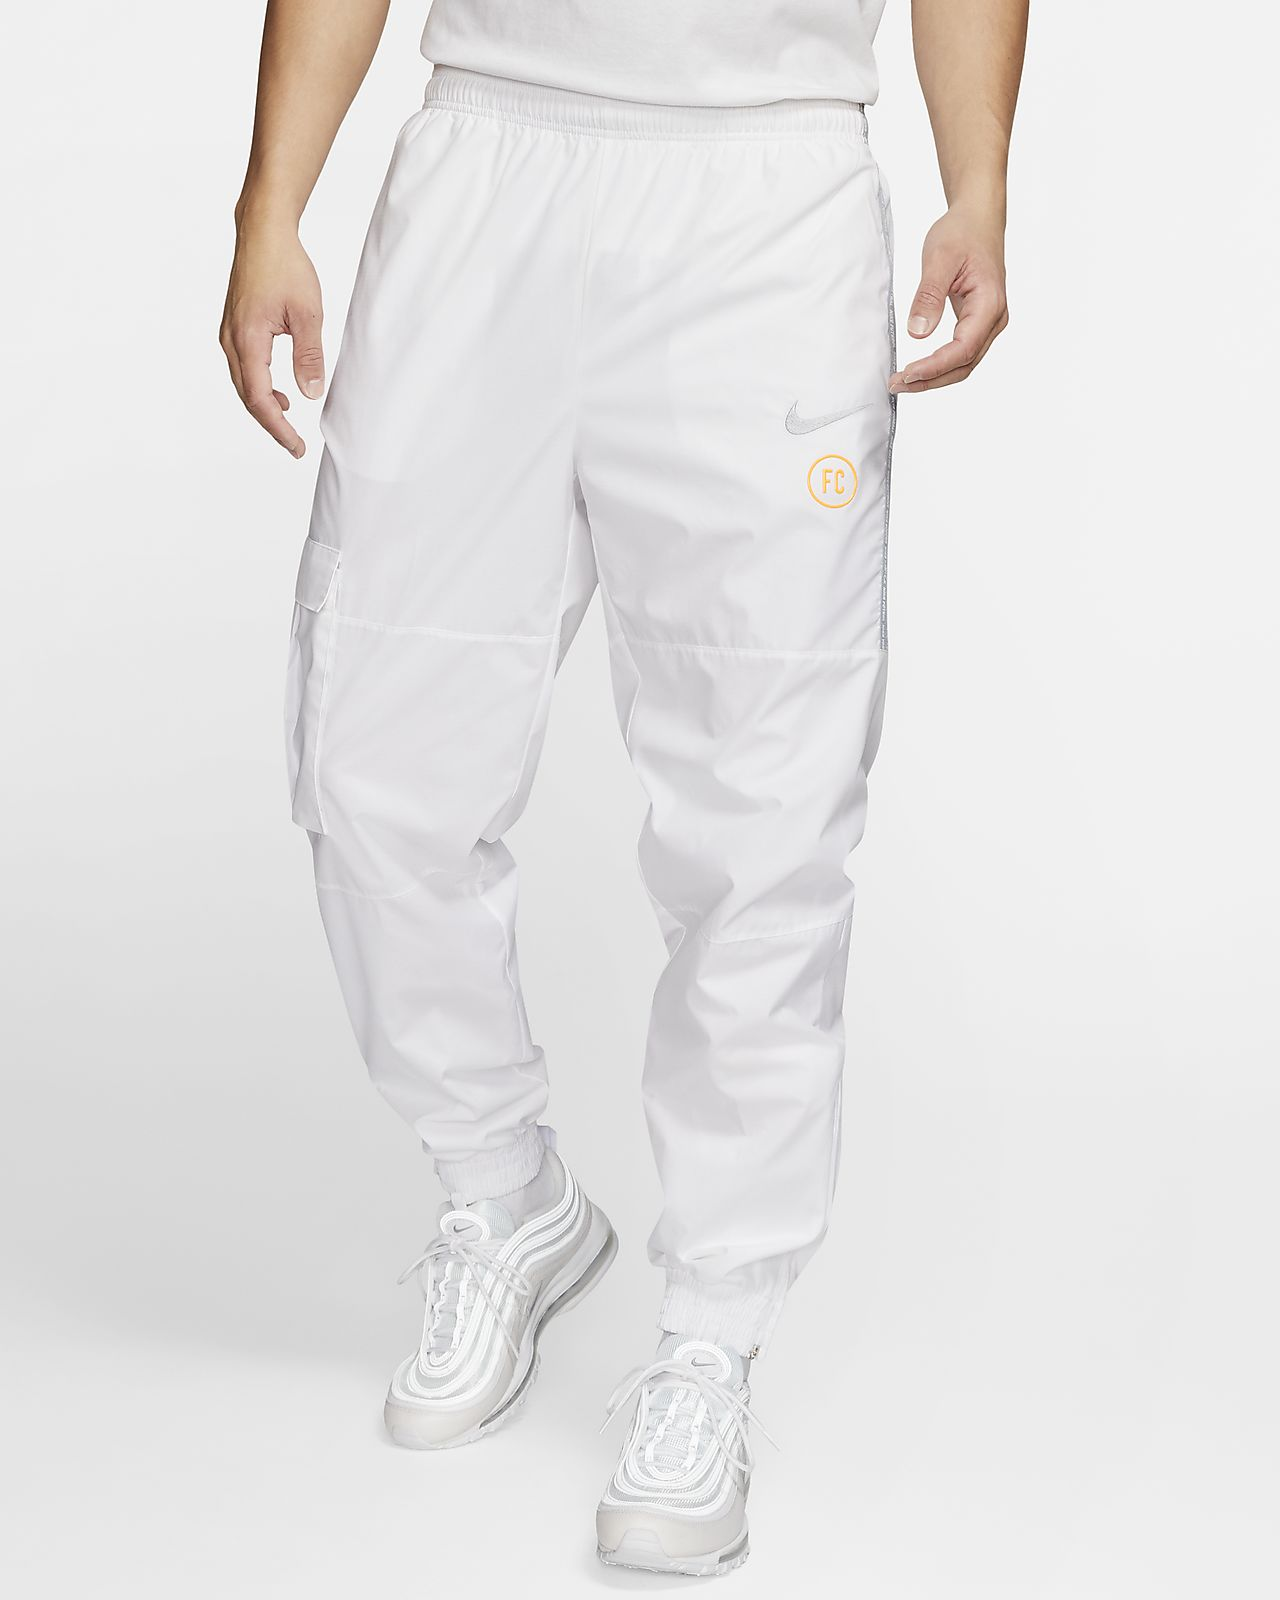 Nike F.C. Herren-Fußballhose